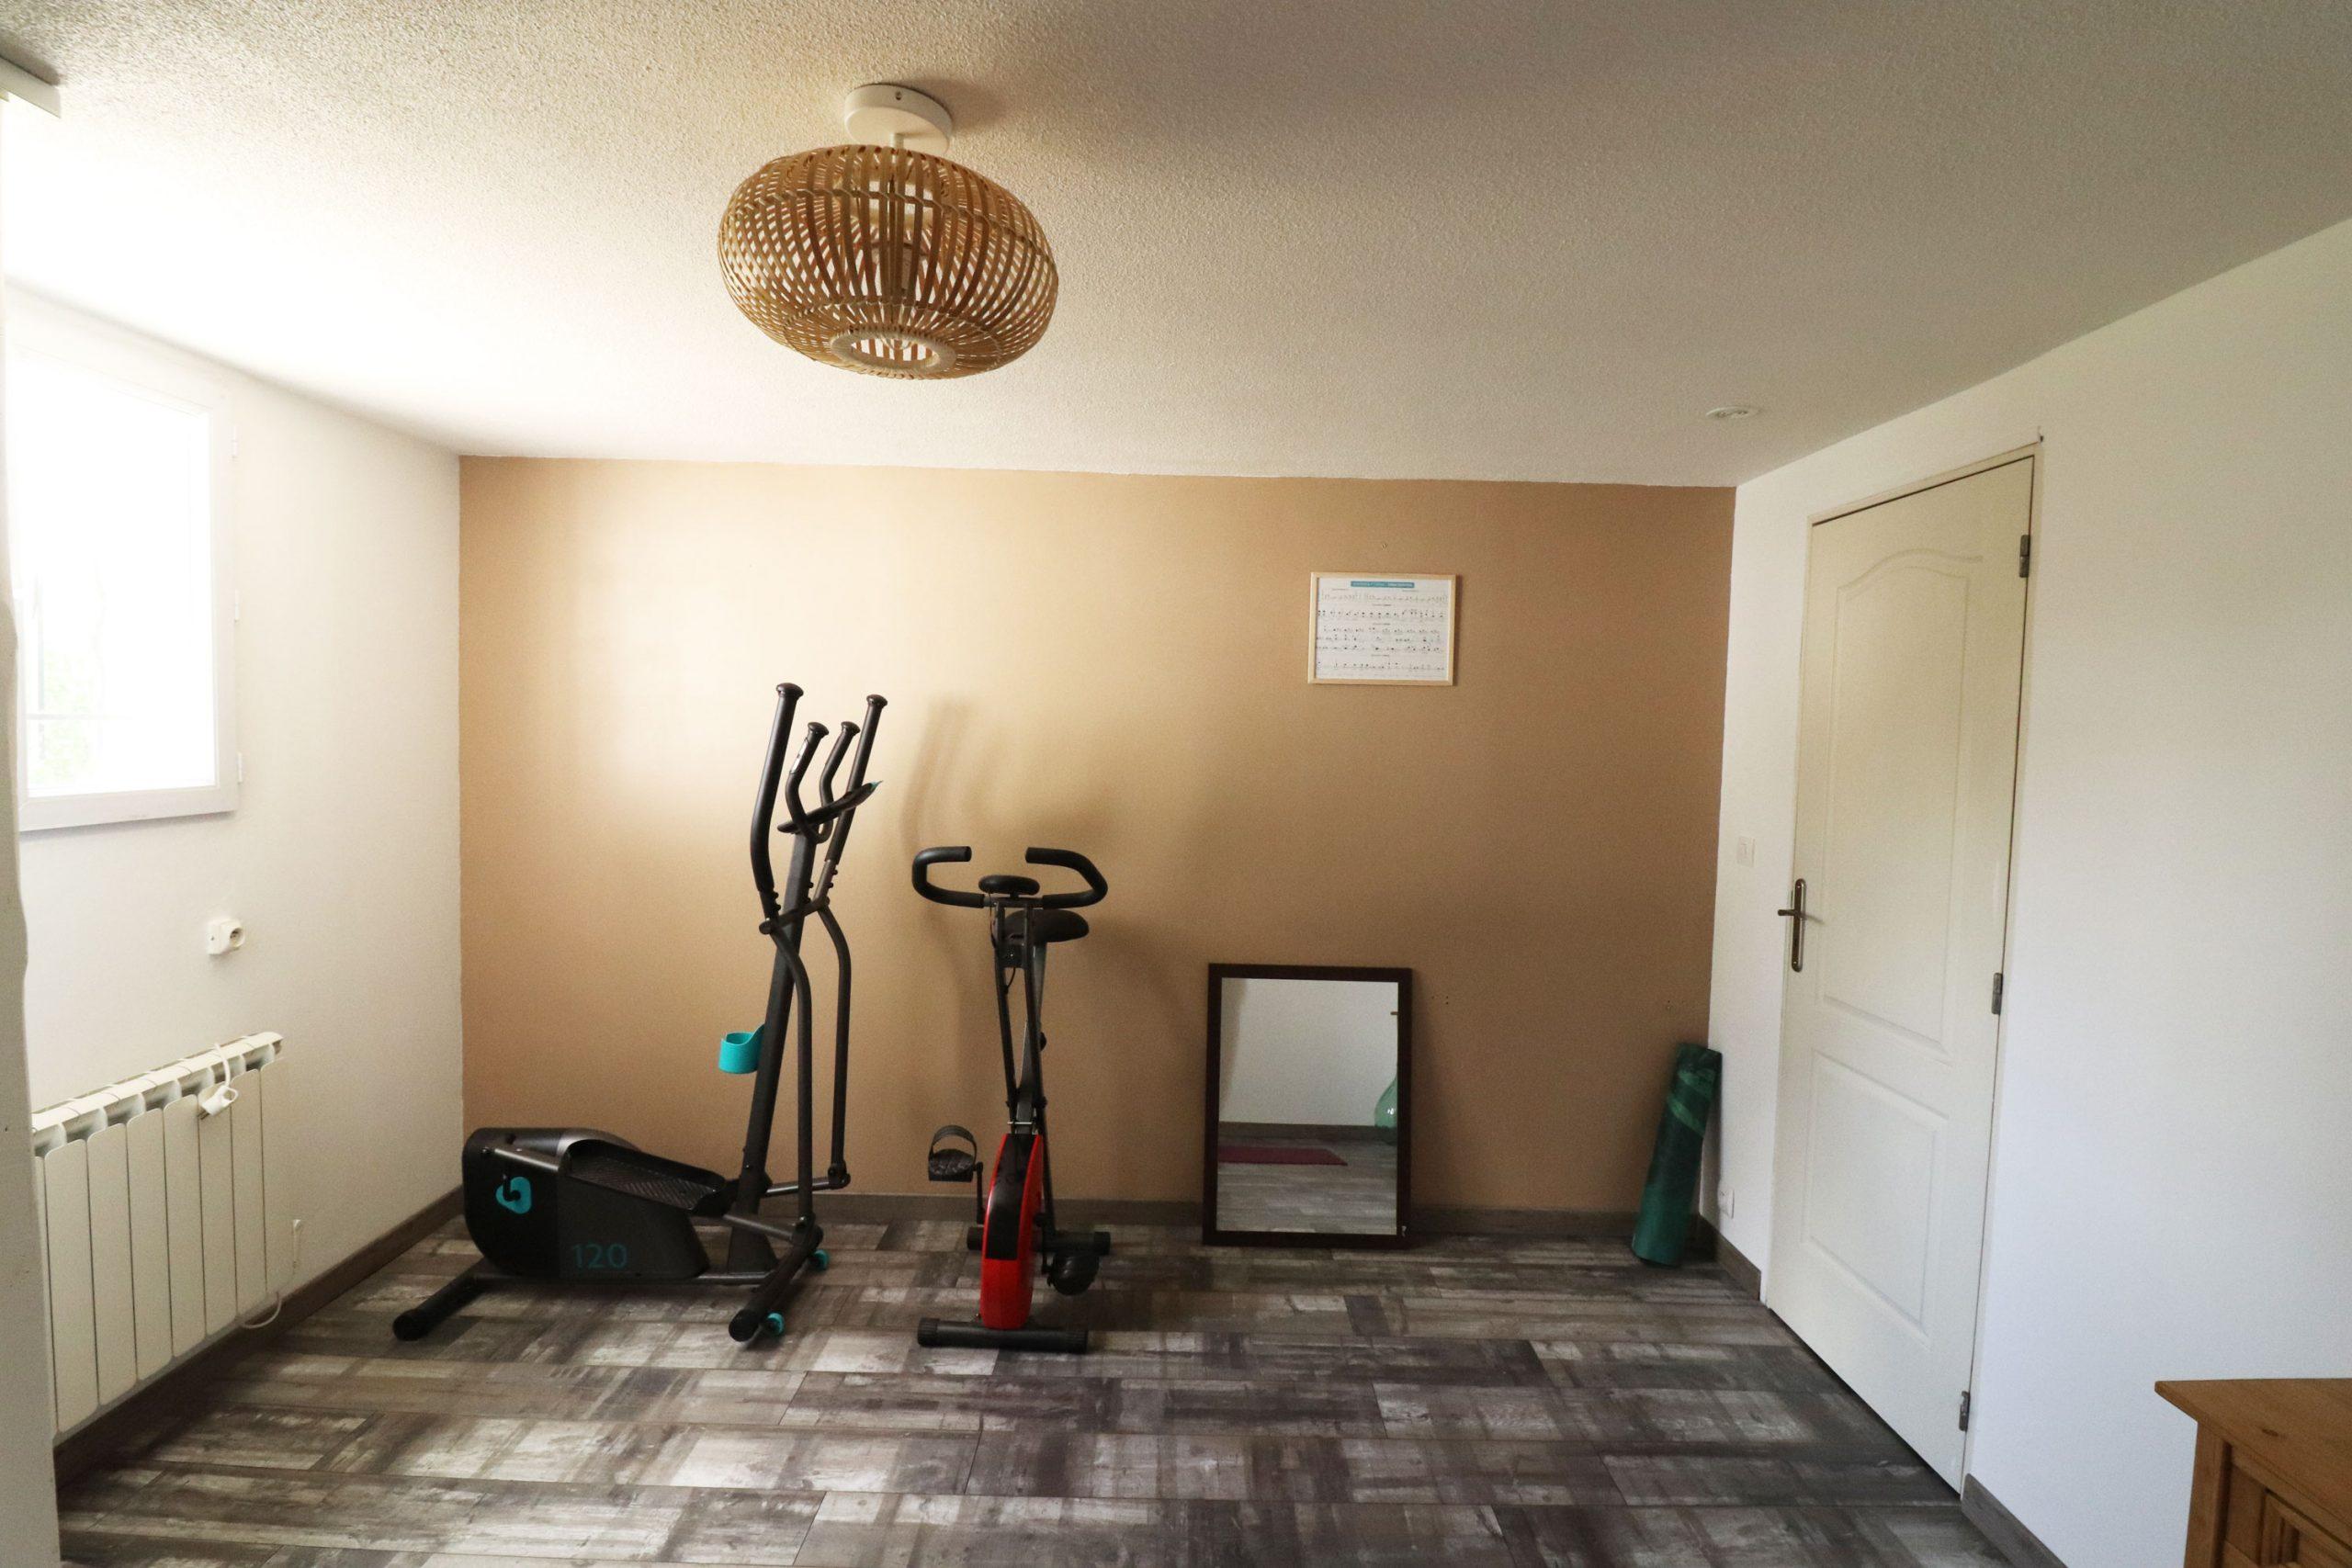 mur couleur sable pièce yoga